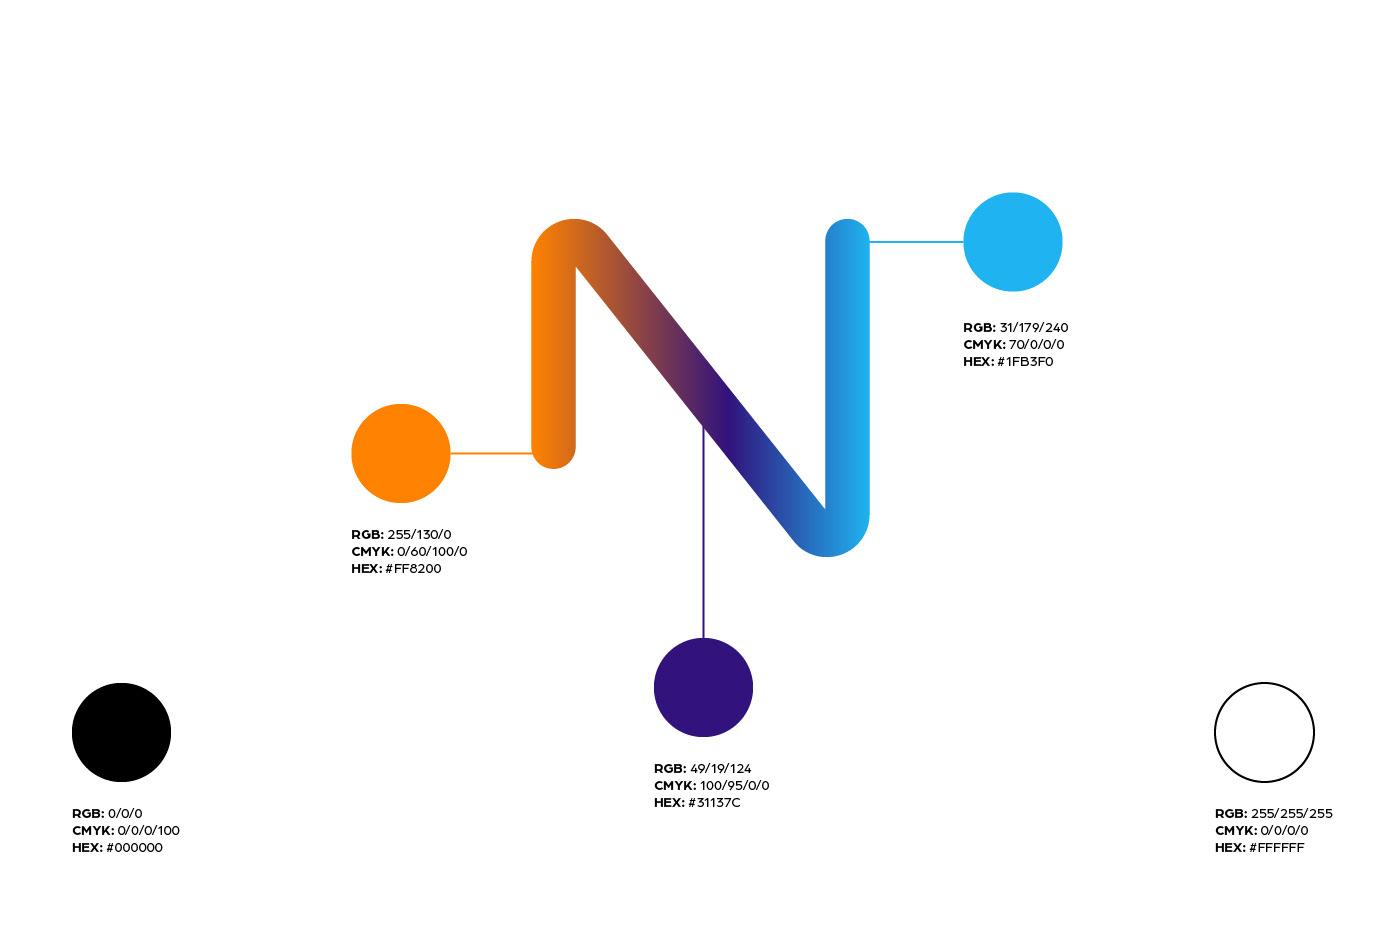 paralela - Telenet brand Colors